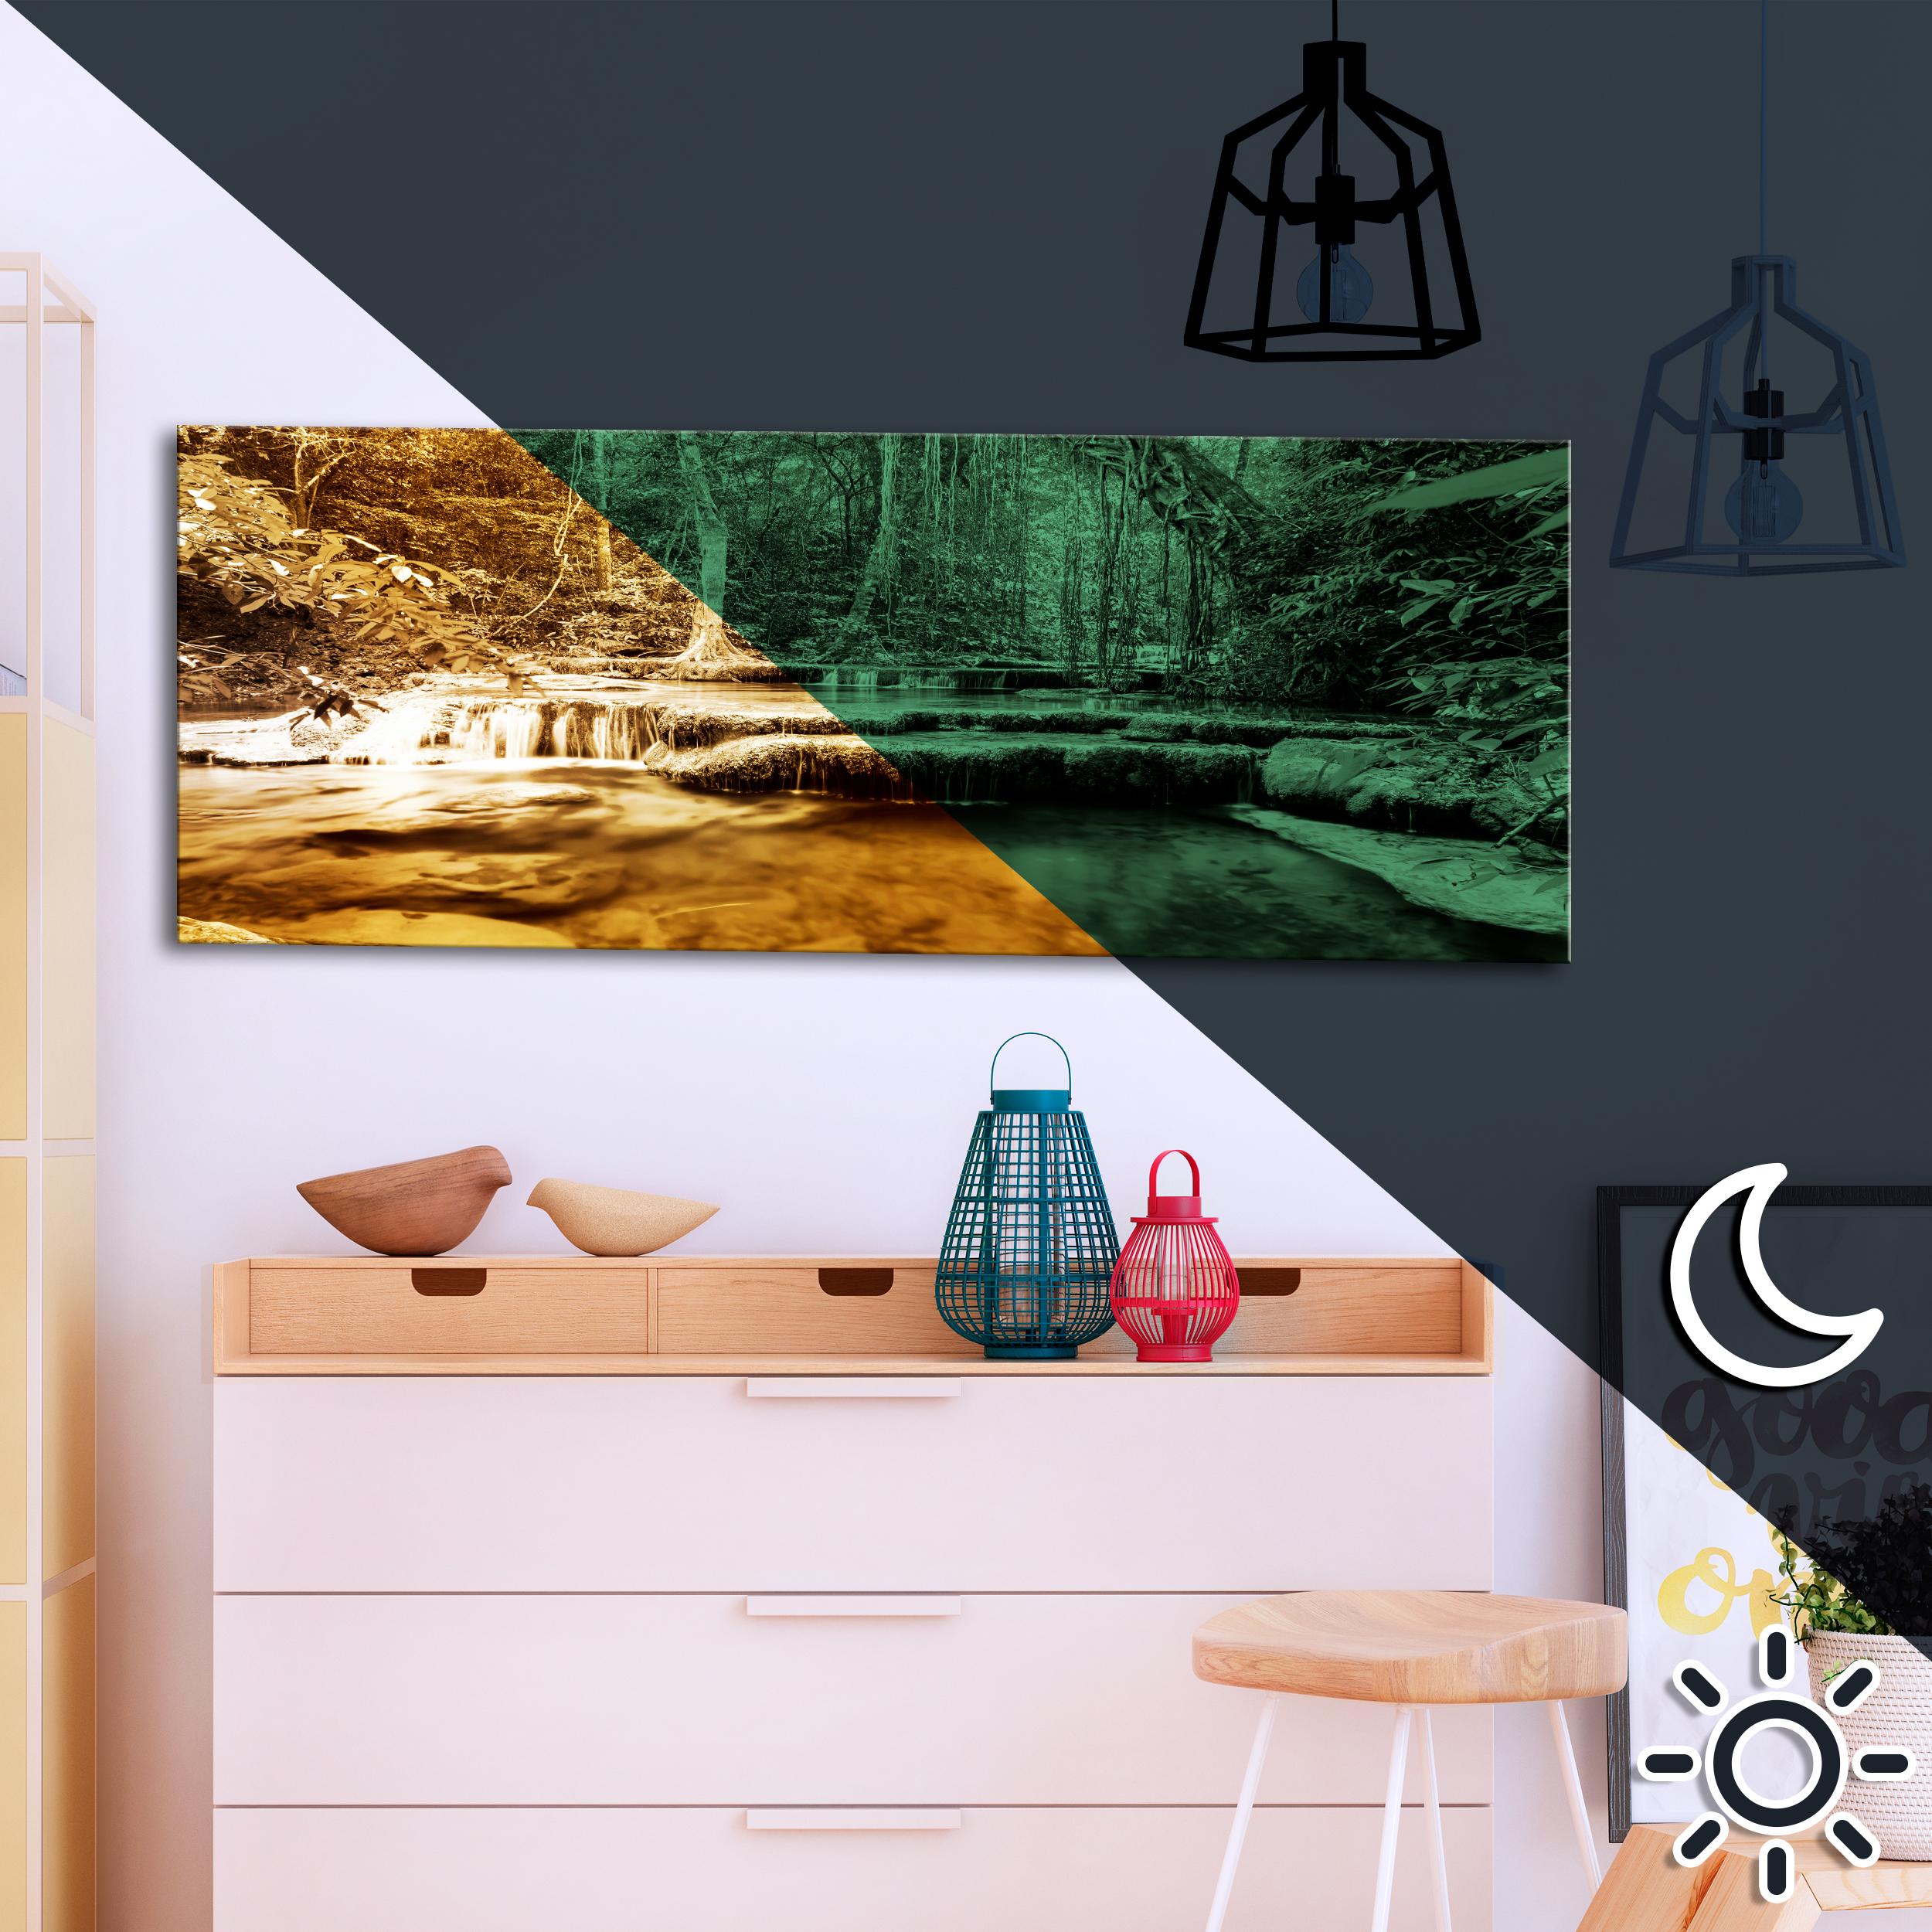 bilder leinwand bild wald natur landschaft wandbilder nachleuchtend ebay. Black Bedroom Furniture Sets. Home Design Ideas